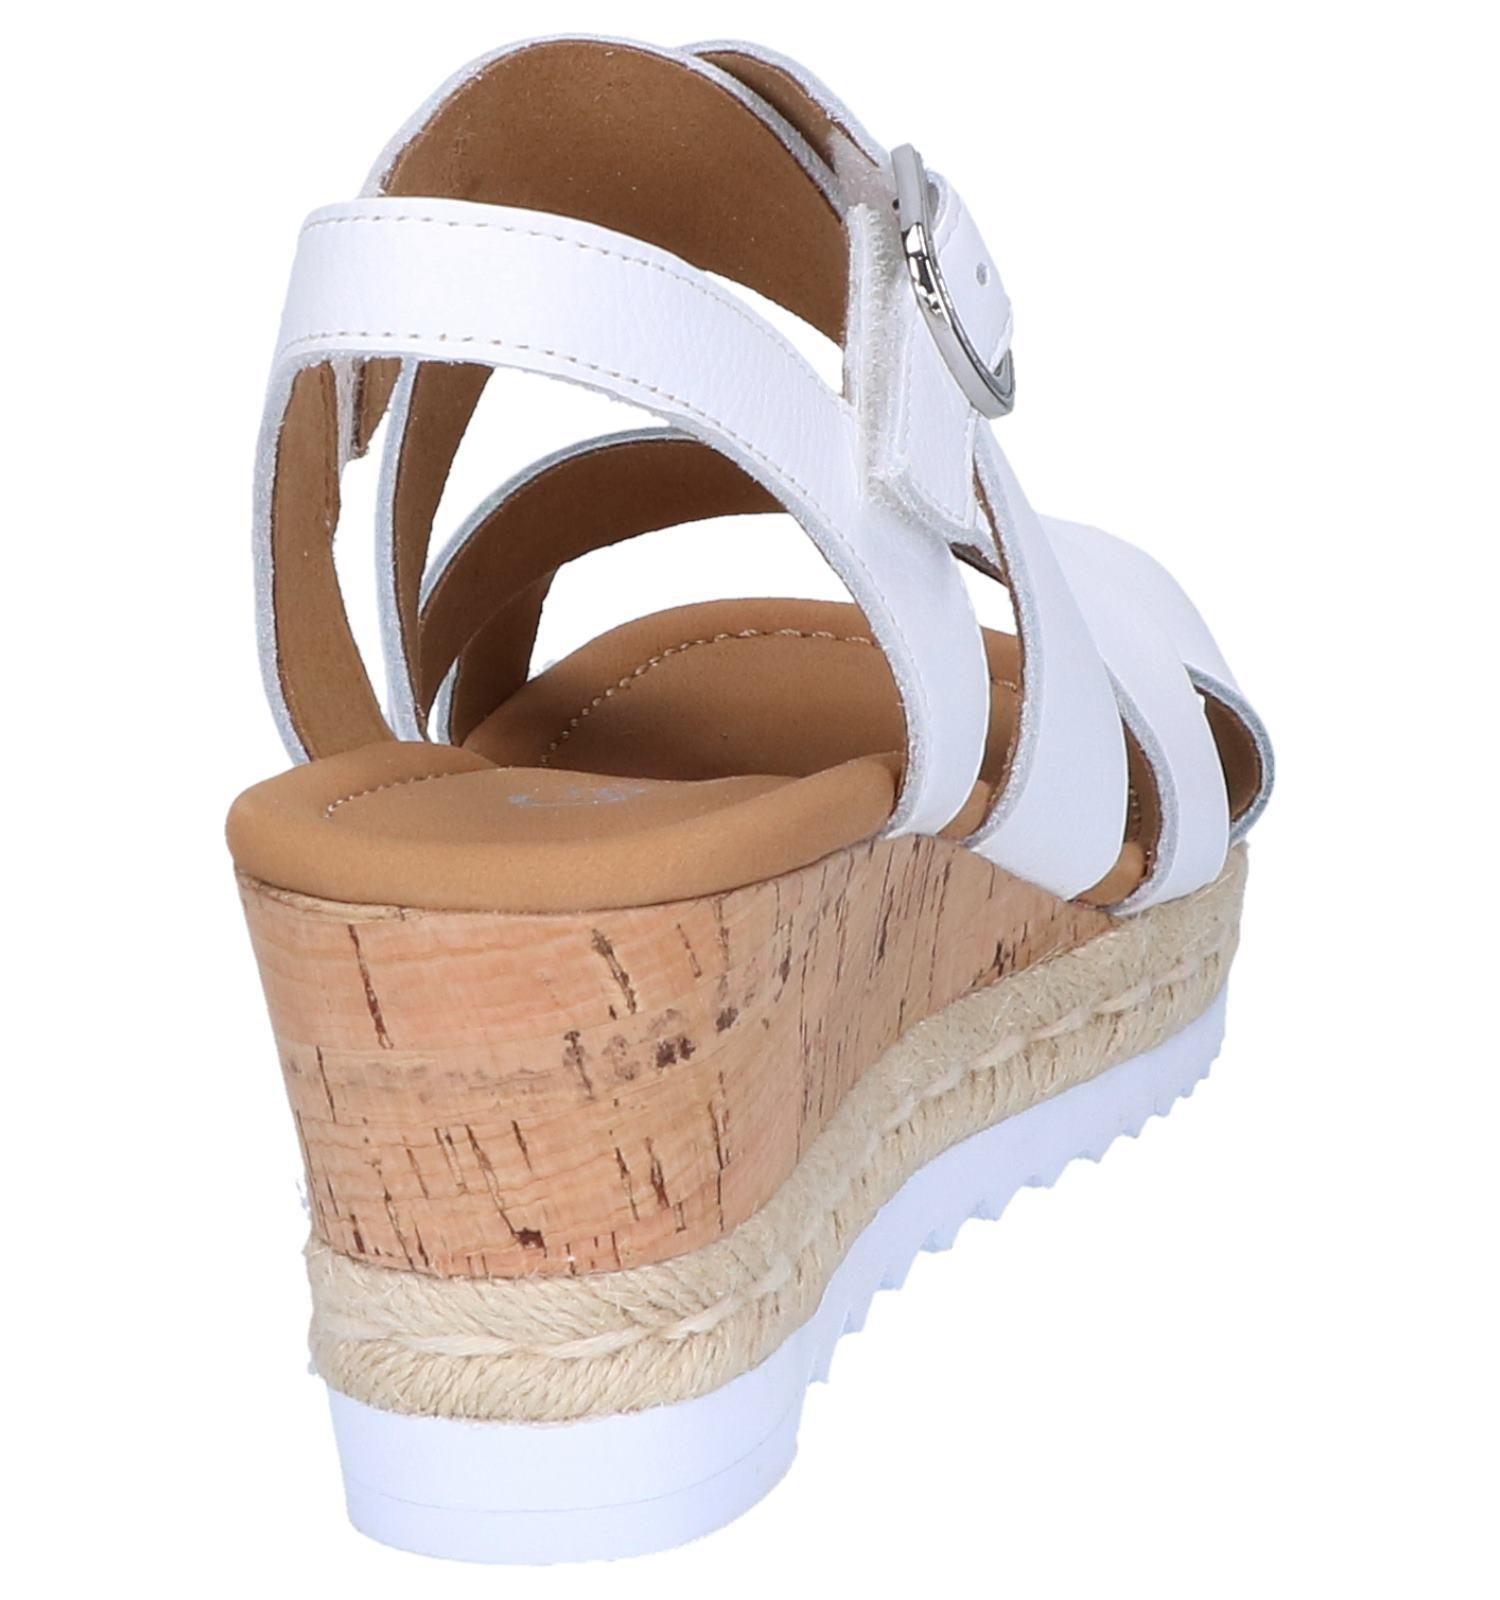 Witte Sandalen Witte Gabor Comfort Gabor Witte Sandalen Comfort Witte Comfort Sandalen Gabor Sandalen ZOkuiPX